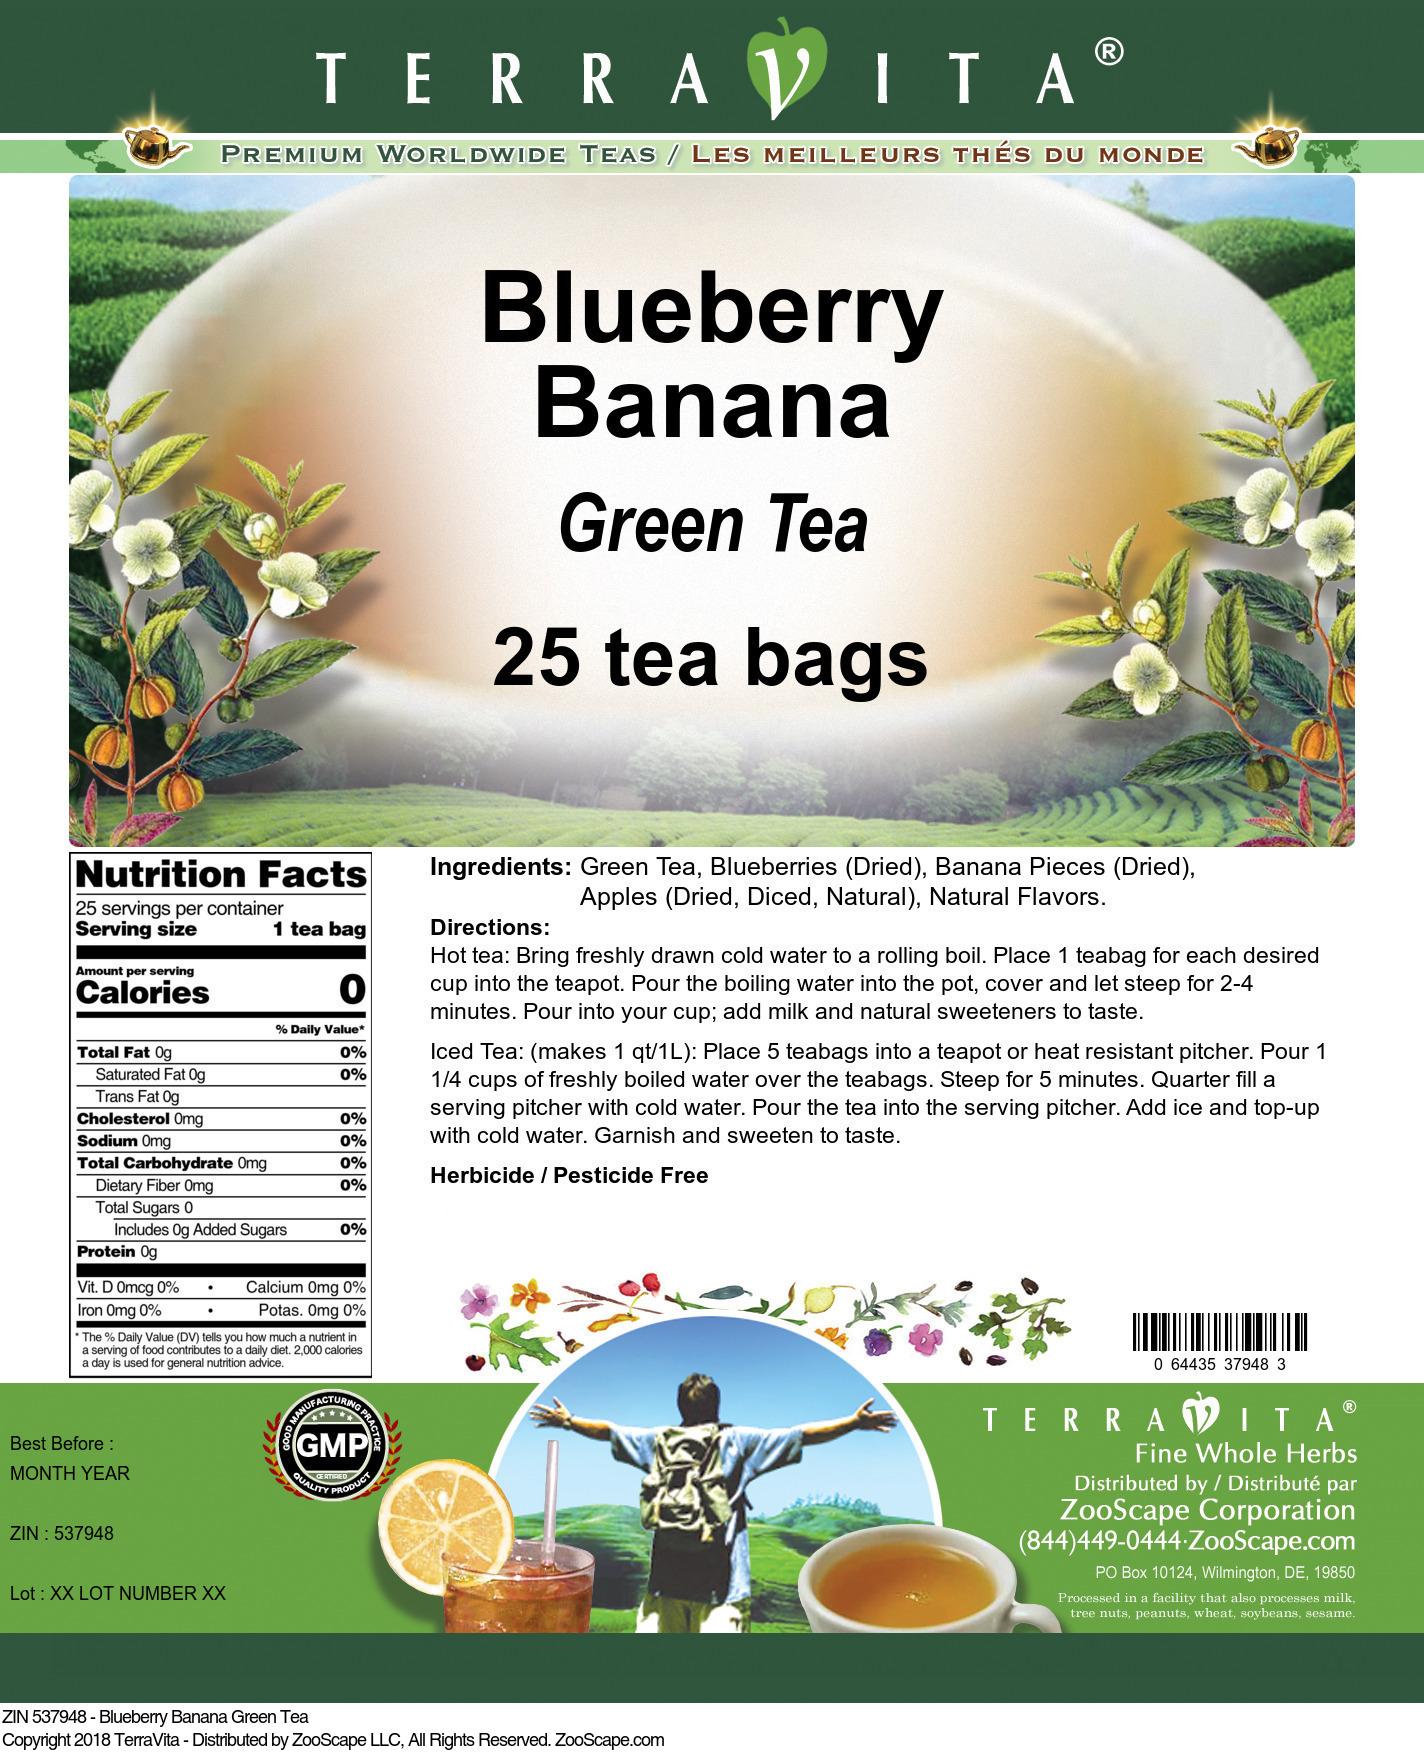 Blueberry Banana Green Tea